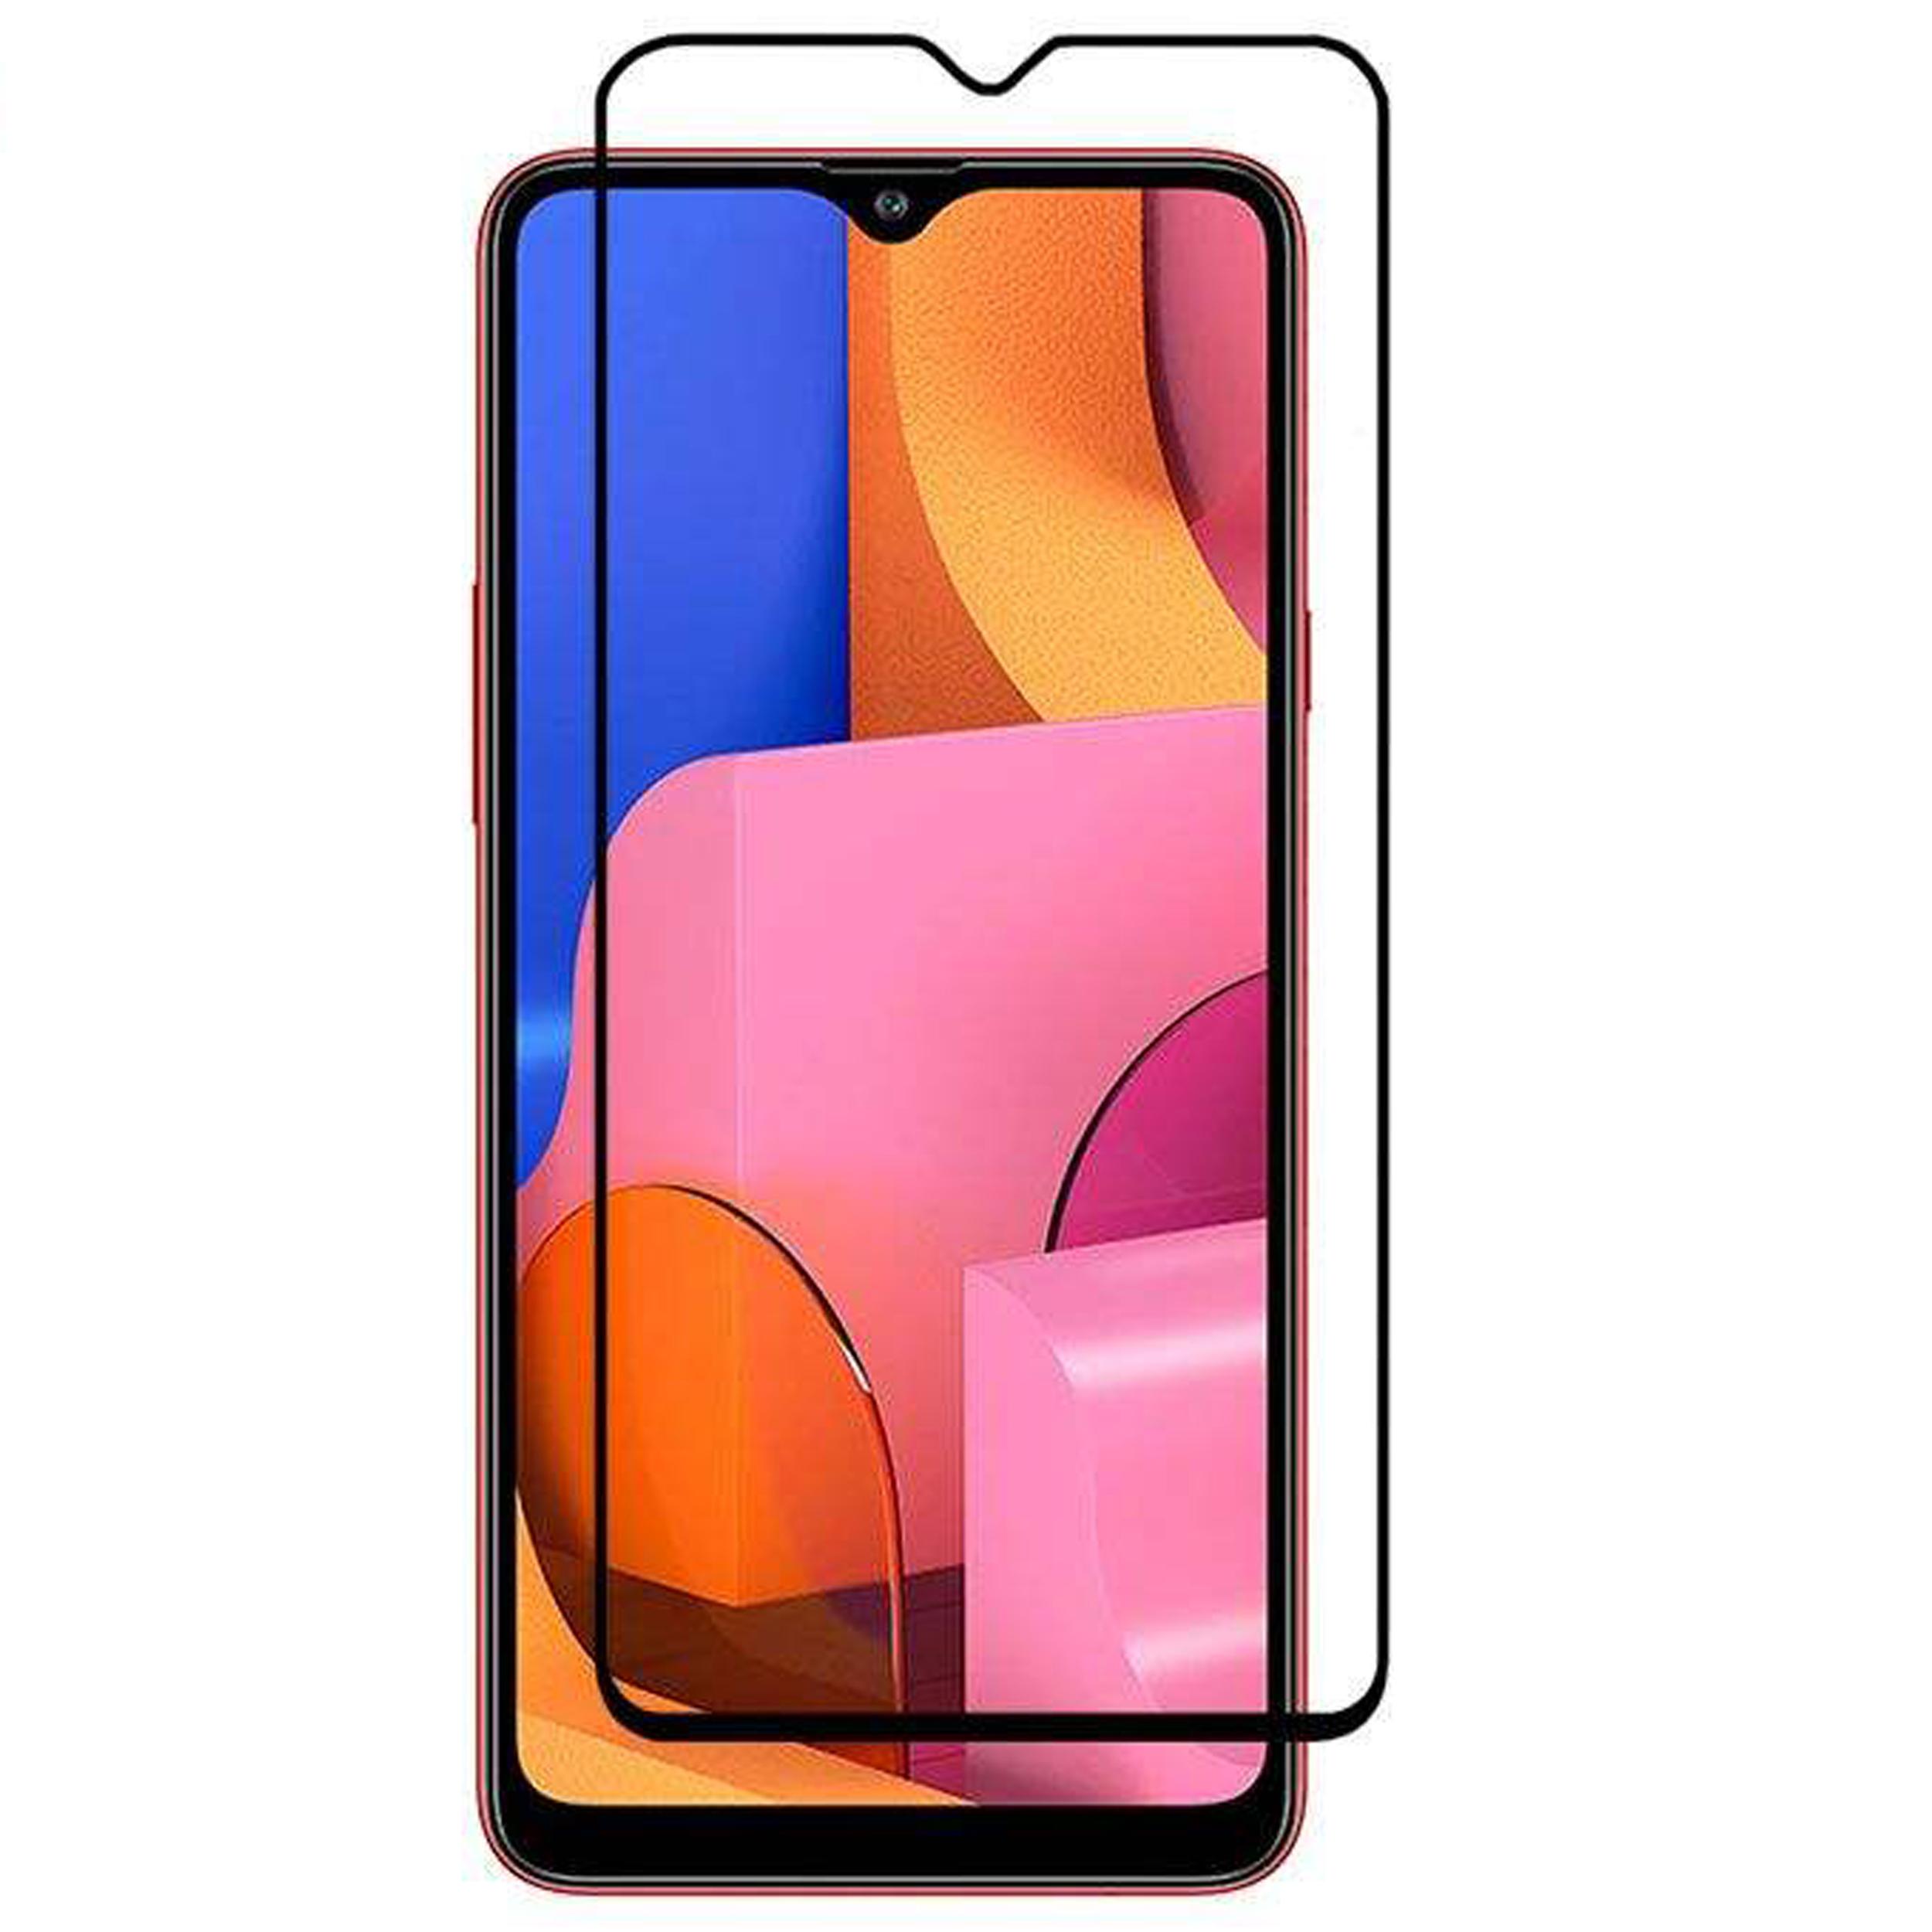 محافظ صفحه نمایش مدلa2s مناسب برای گوشی موبایل سامسونگ Galaxy A20s